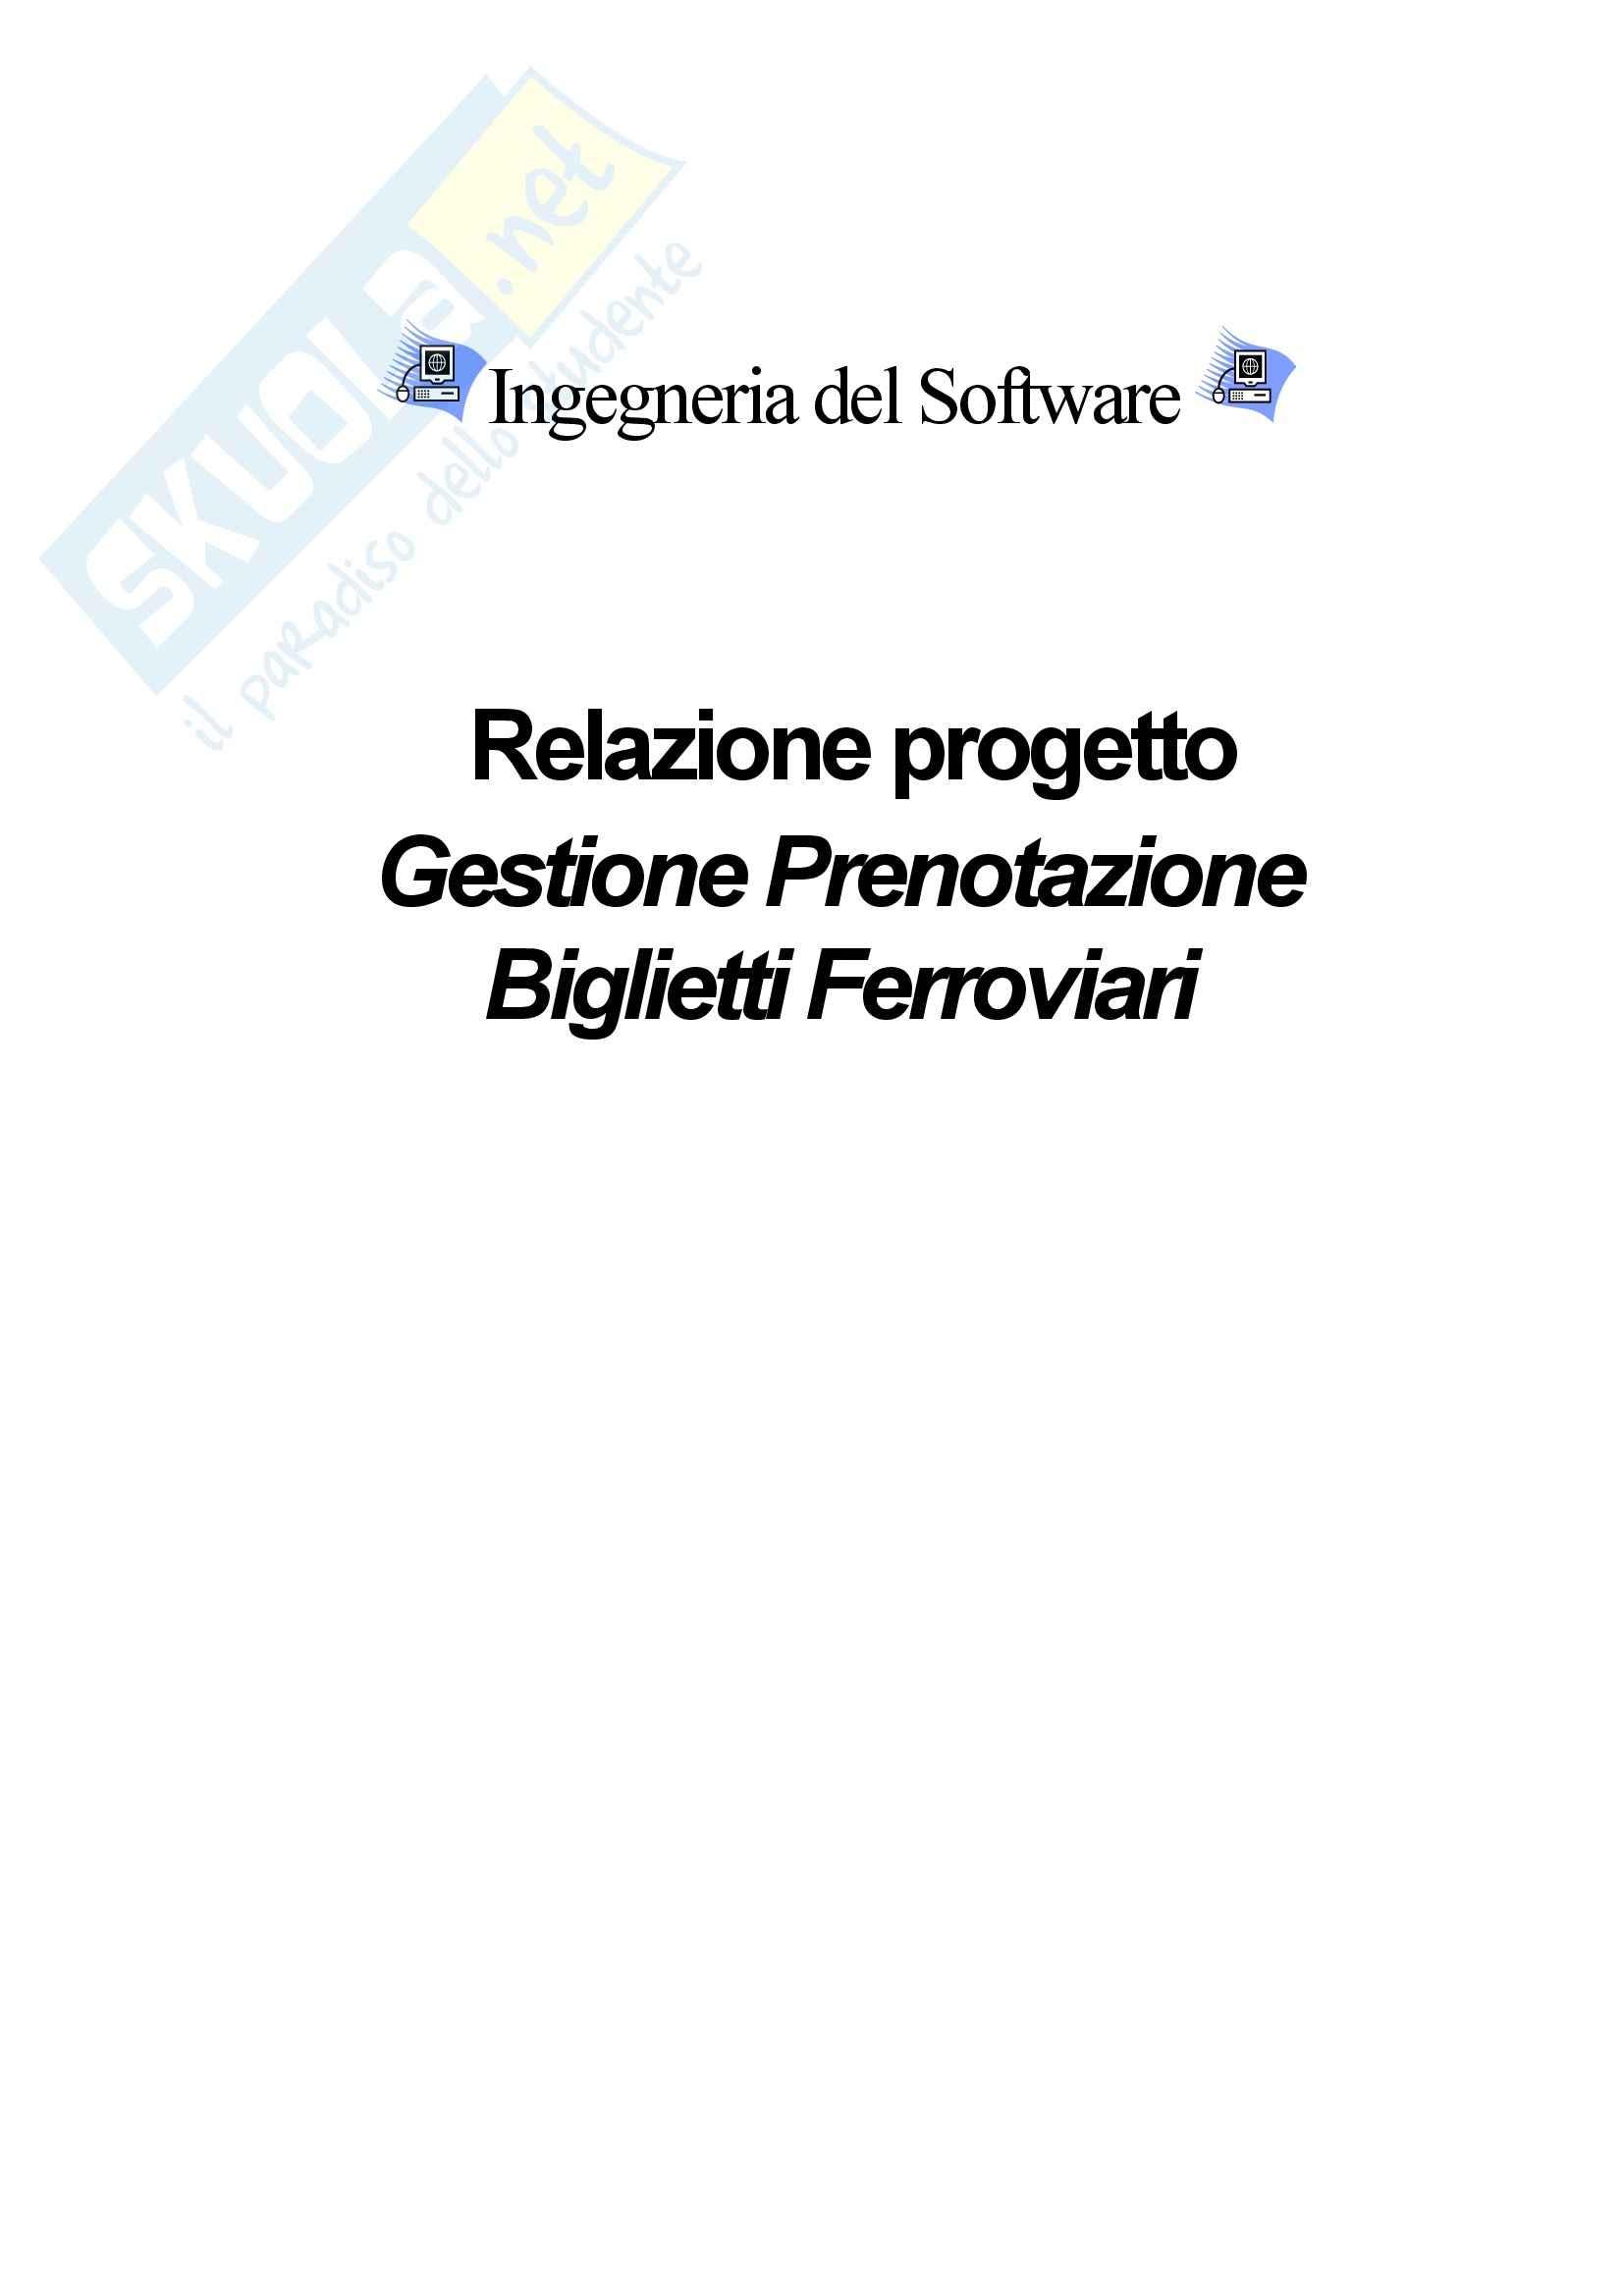 Ingegneria del software - Relazione del Progetto Gestione Prenotazione Biglietti Ferroviari